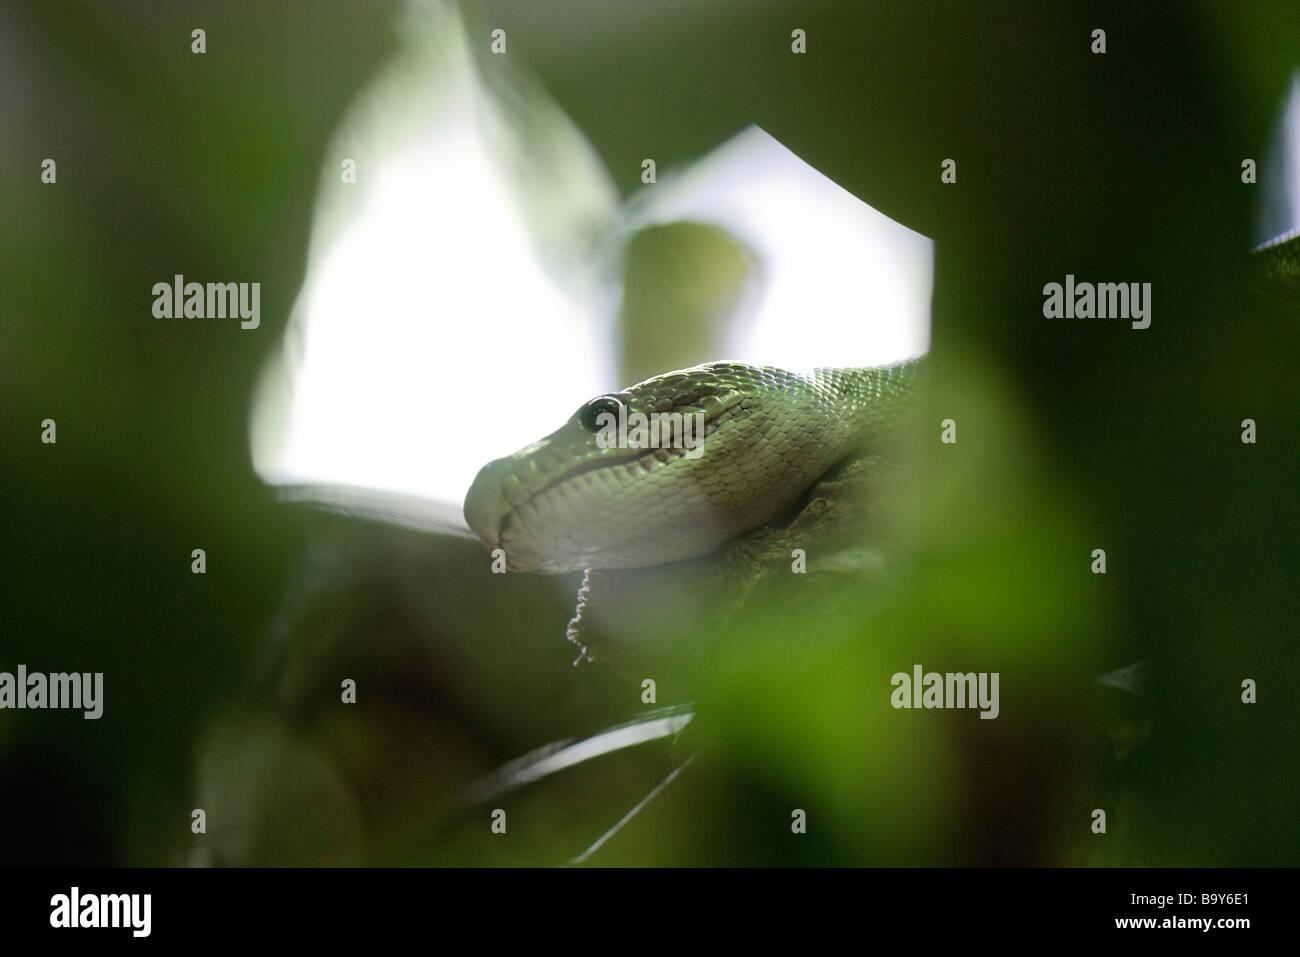 Kopf der Schlange versteckt im Laub Stockbild